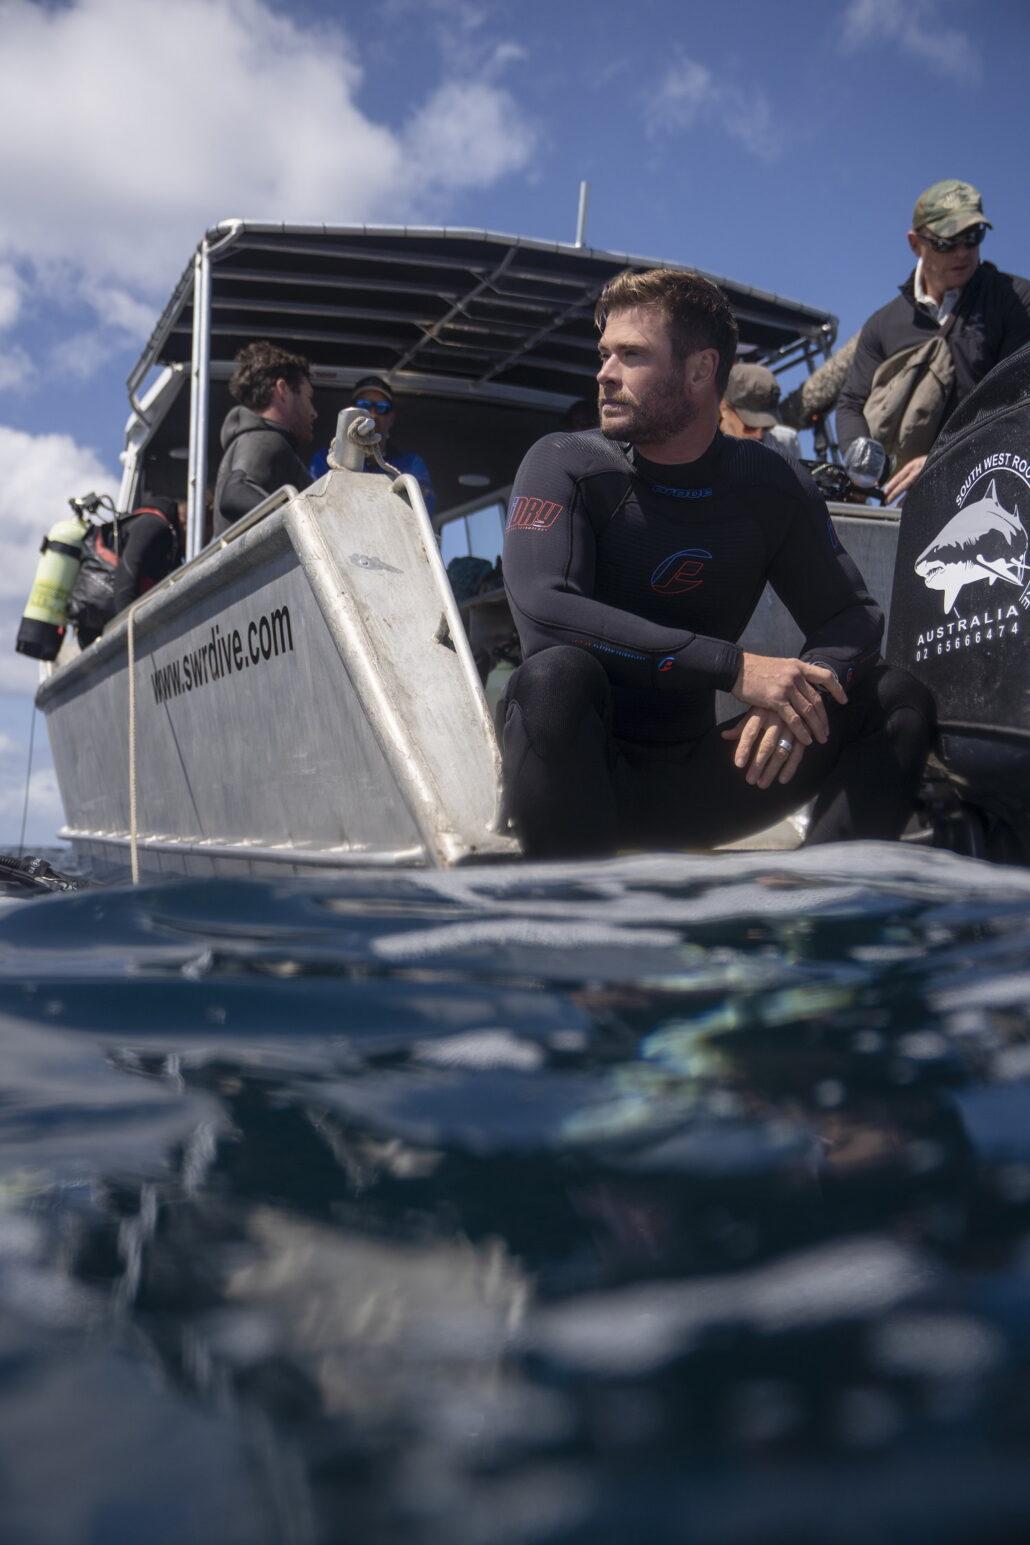 Chris Hemsworth Mohónak és vérszomjasnak tartott cápáknak valóban van egy rejtett, szelíd arca is? Hogyan zajlik egy cápatámadás? Nézd meg a Cápafesztivált!